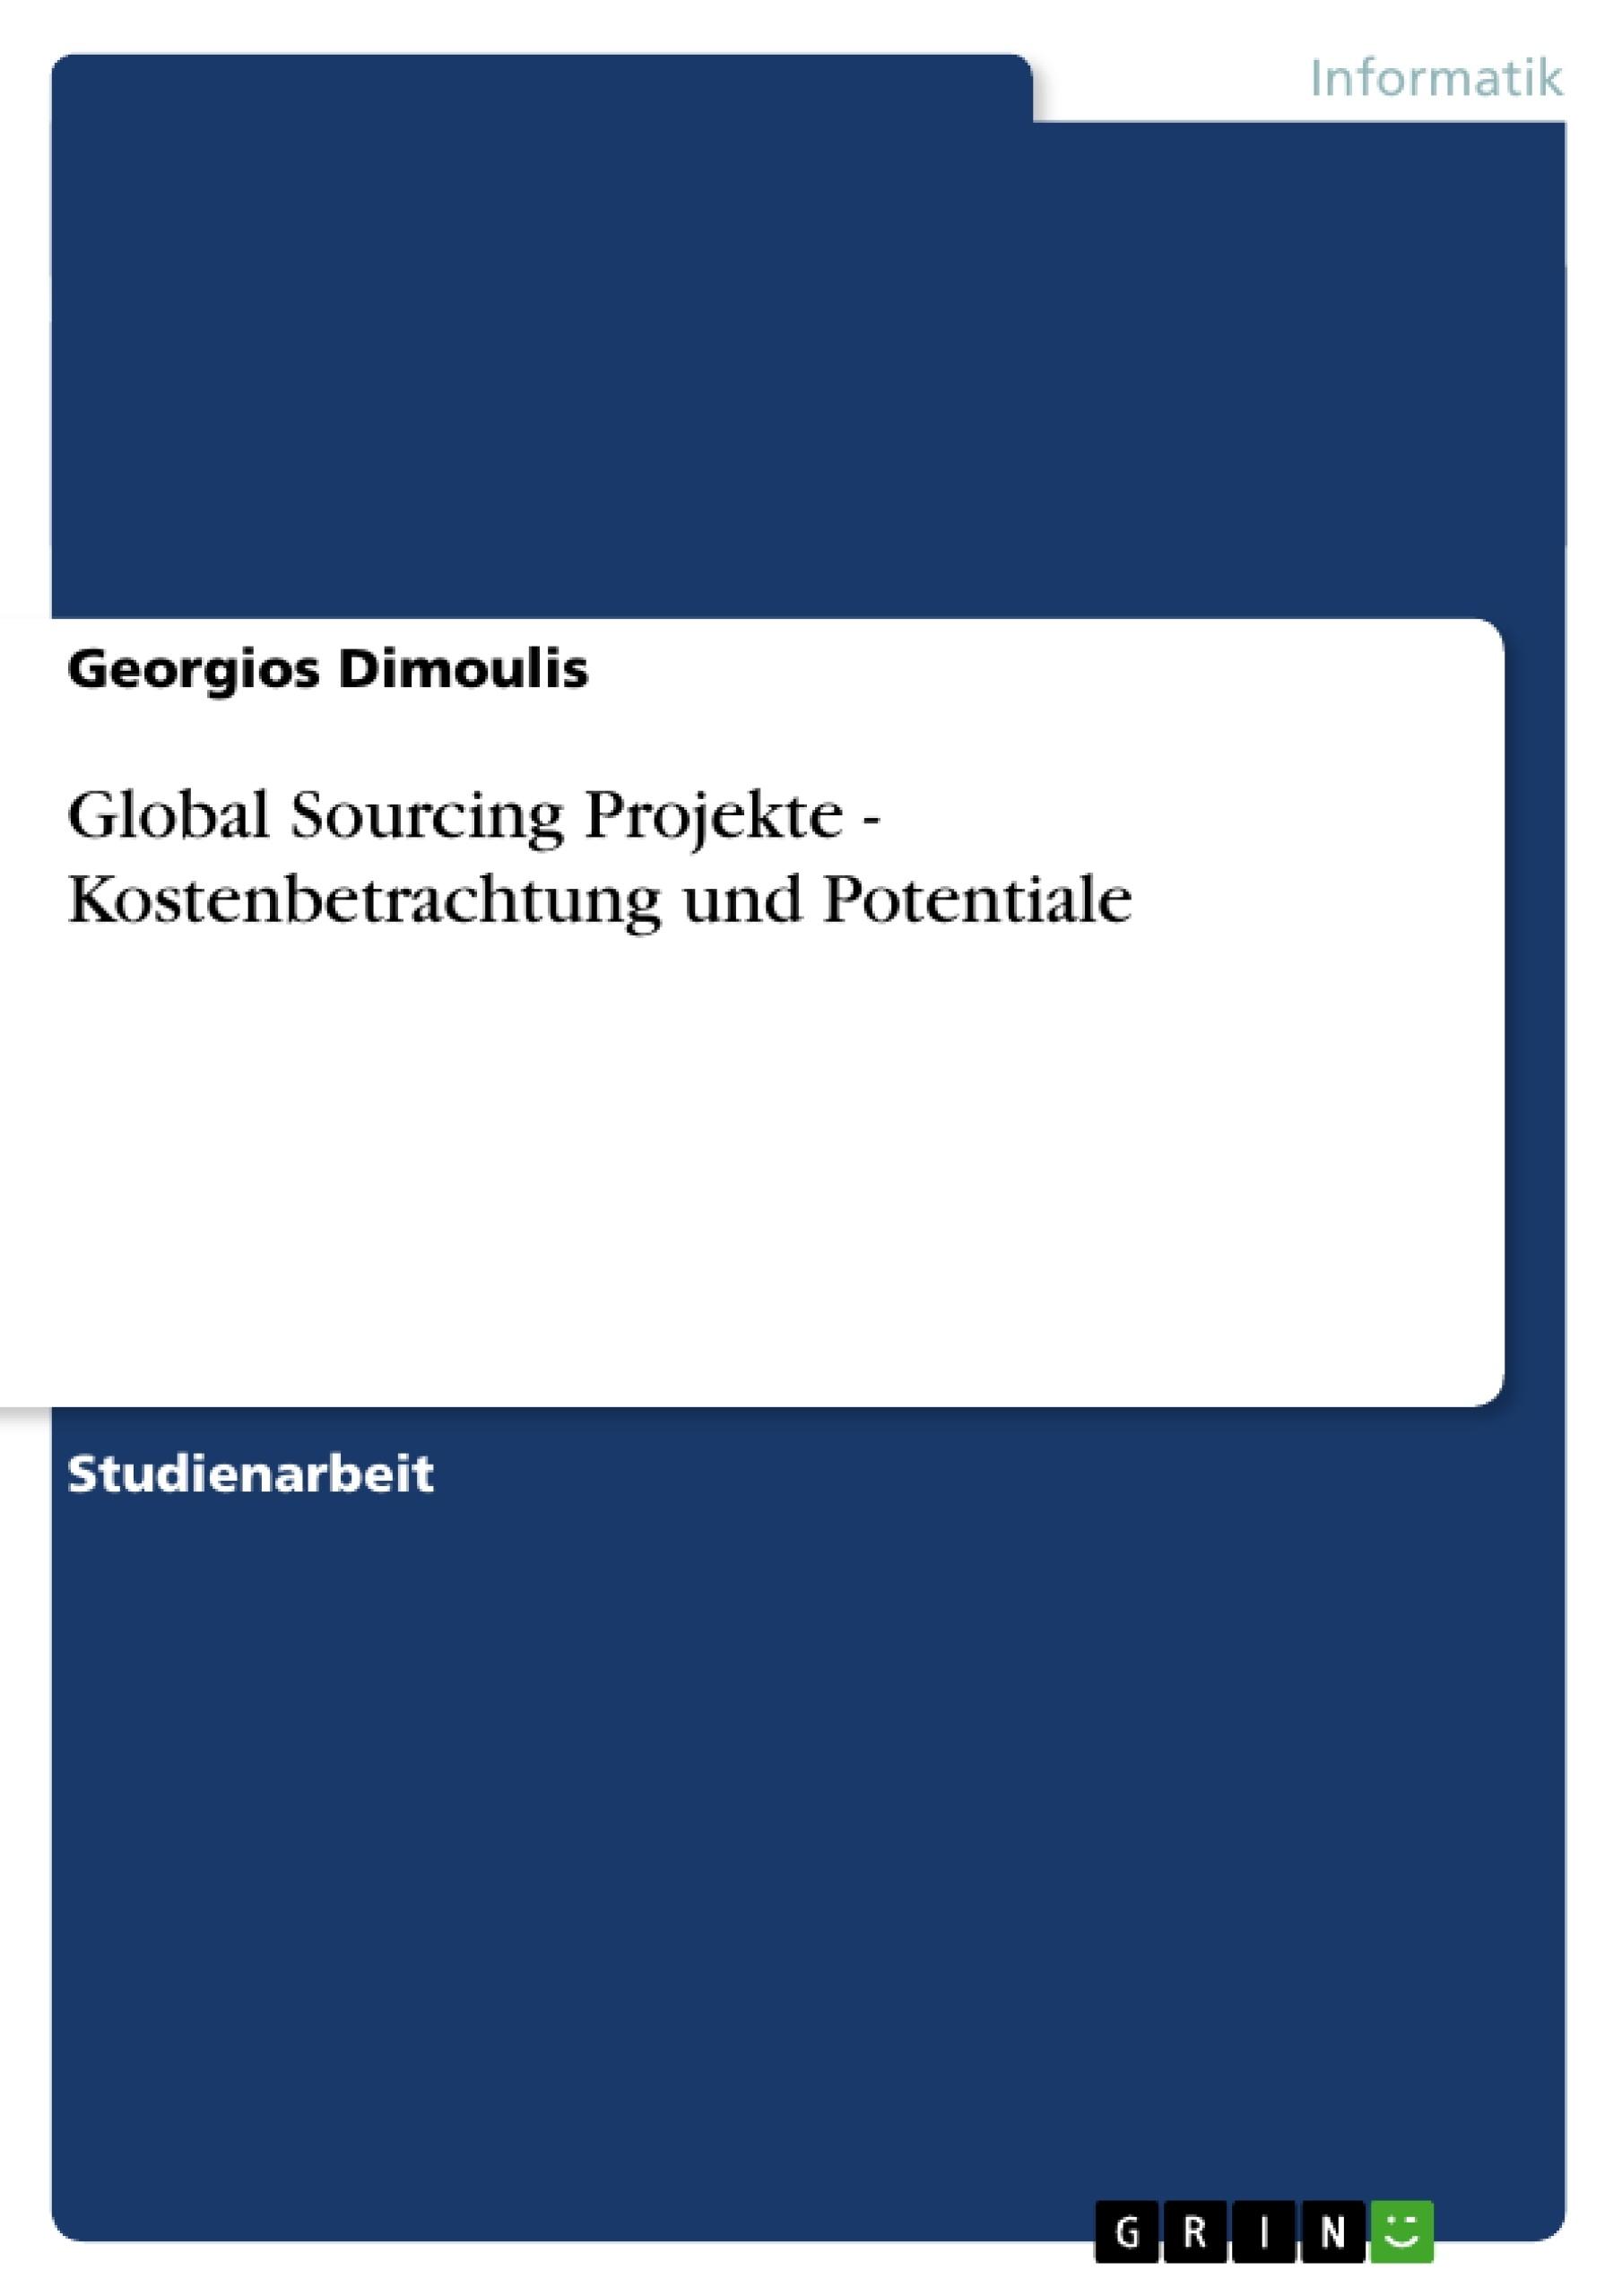 Titel: Global Sourcing Projekte - Kostenbetrachtung und Potentiale